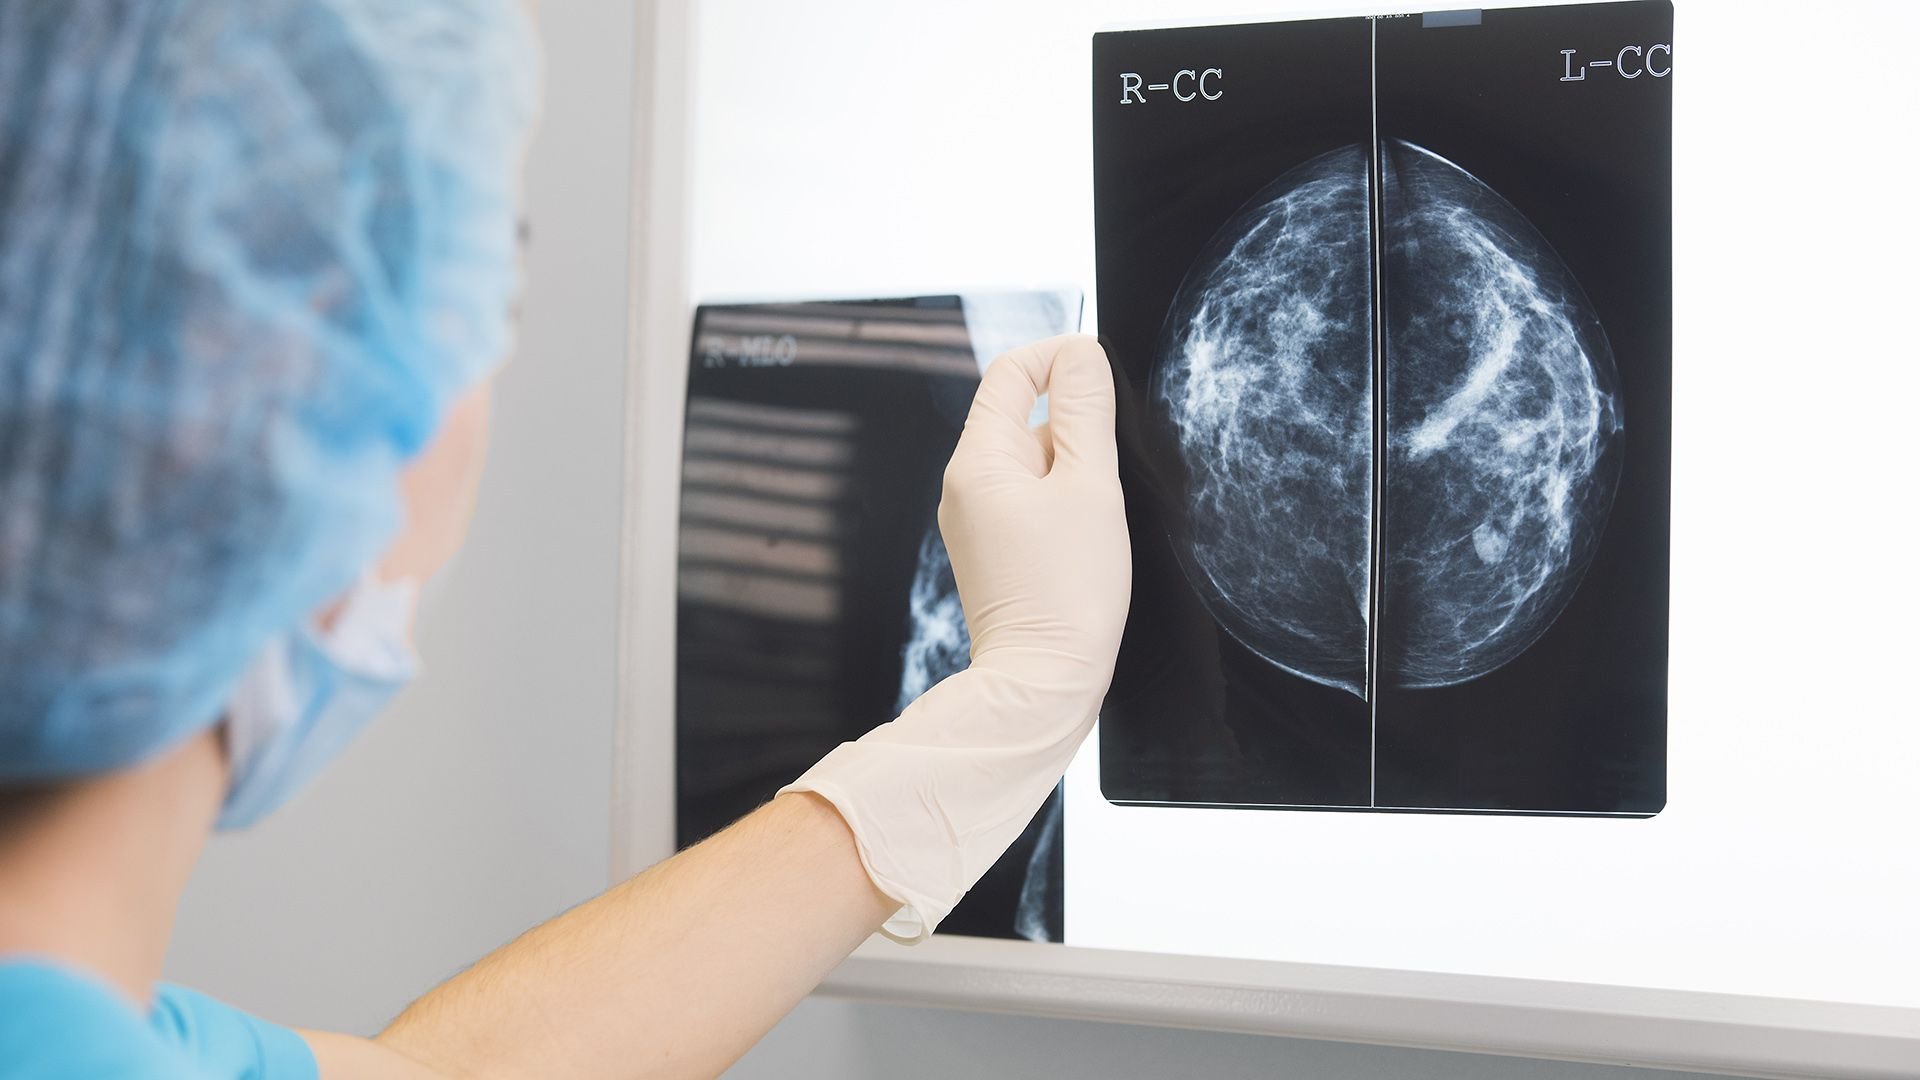 Las mujeres que se sienten inseguras acerca de sus senos pueden estar menos en contacto con sus cuerpos y es menos probable que vean bultos inusuales (Shutterstock)